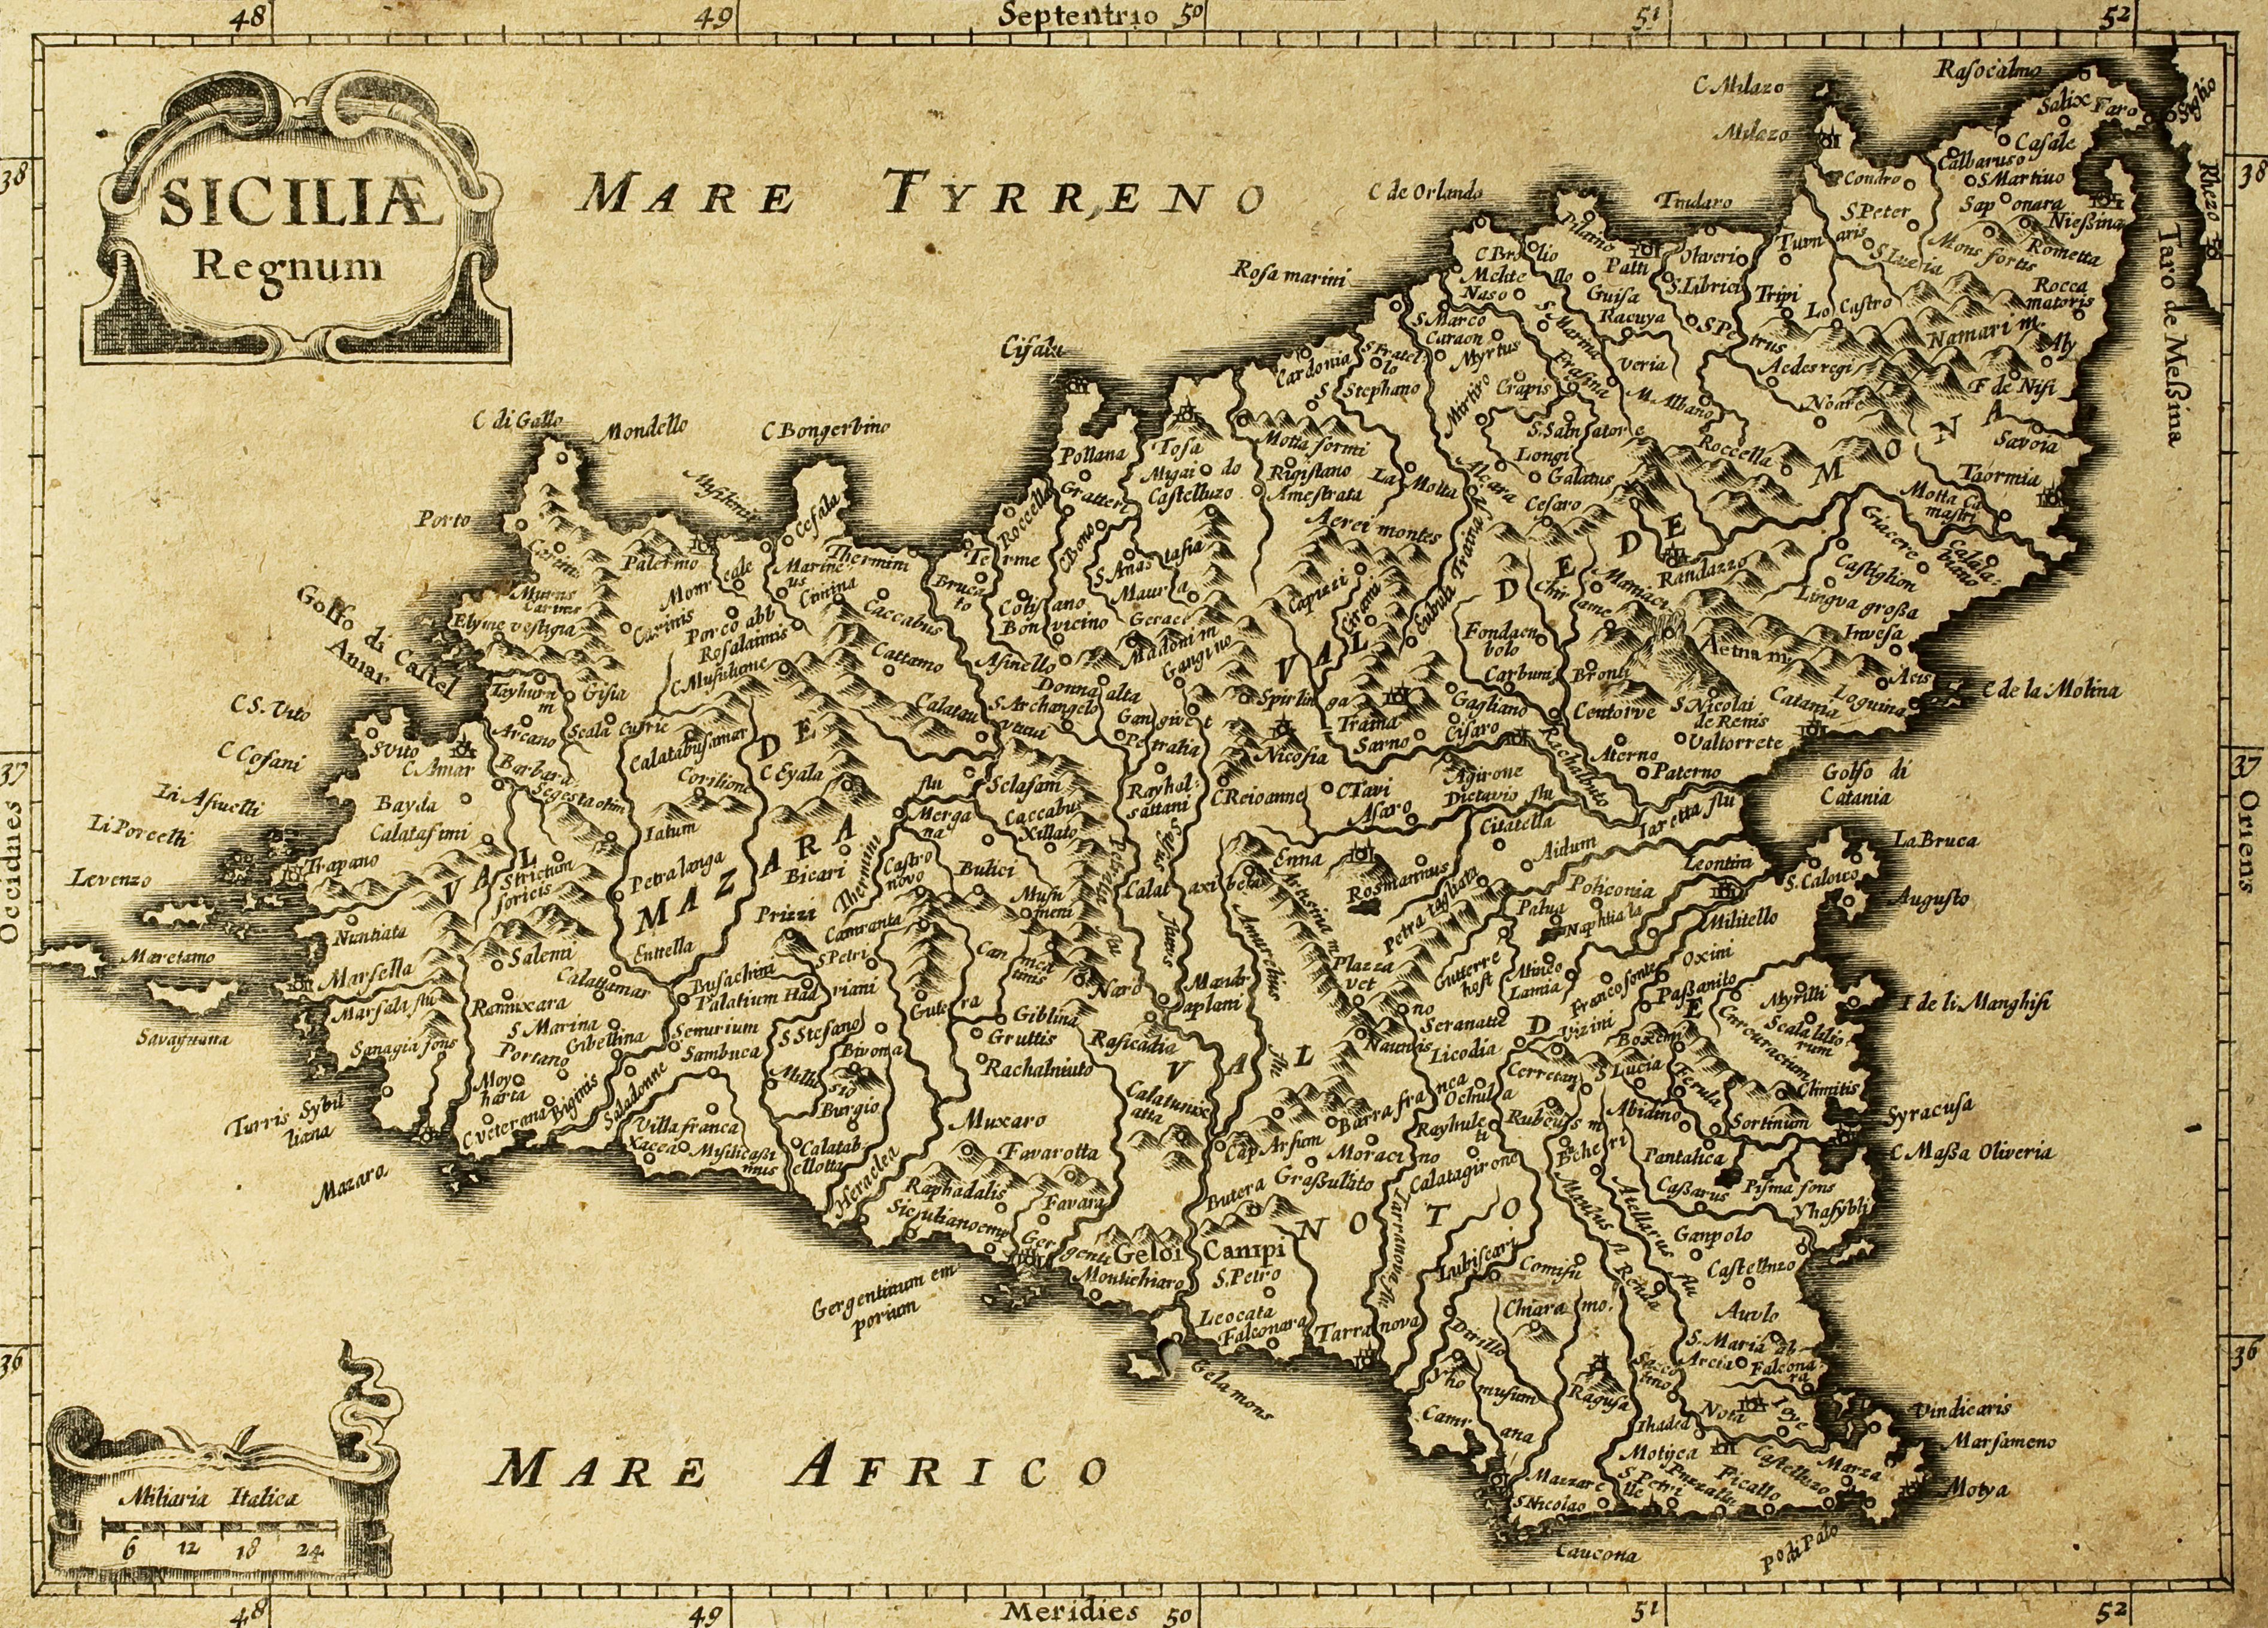 Oude kaart van Sicilië